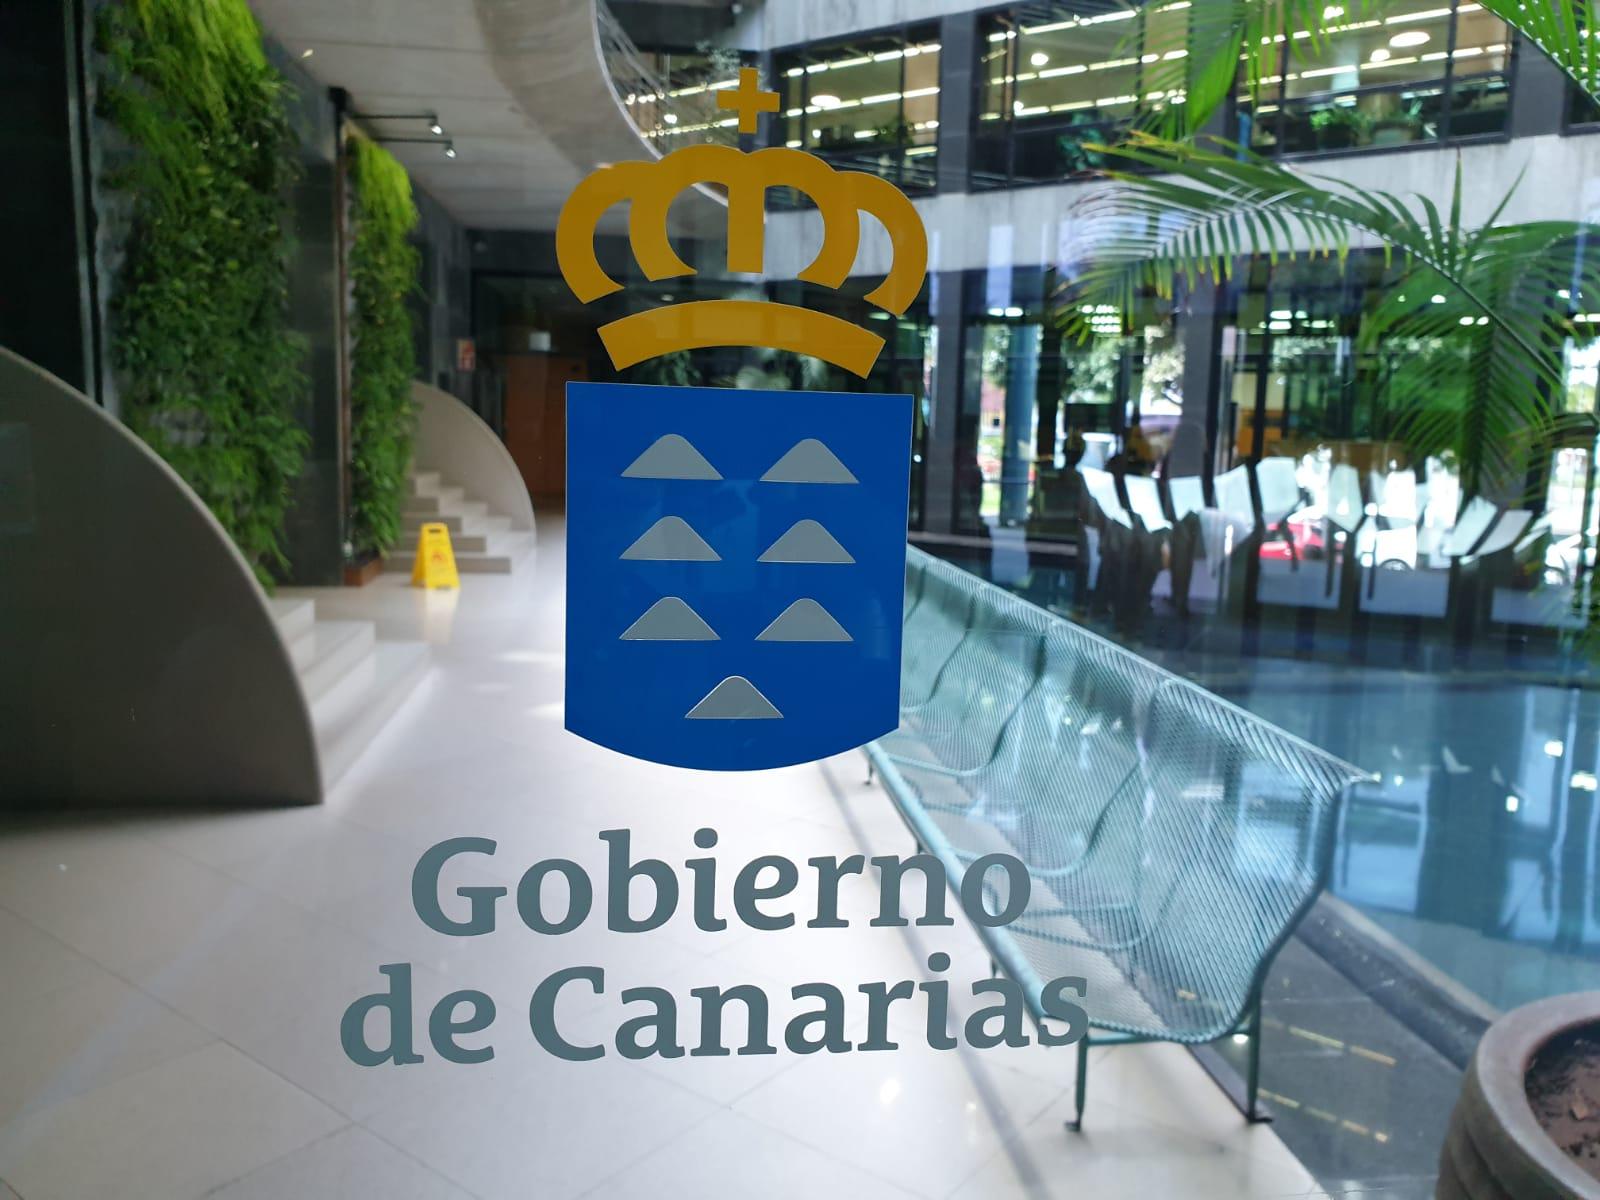 Aspirantes a auxiliares y administrativos se podrán presentar en noviembre, según Función Pública